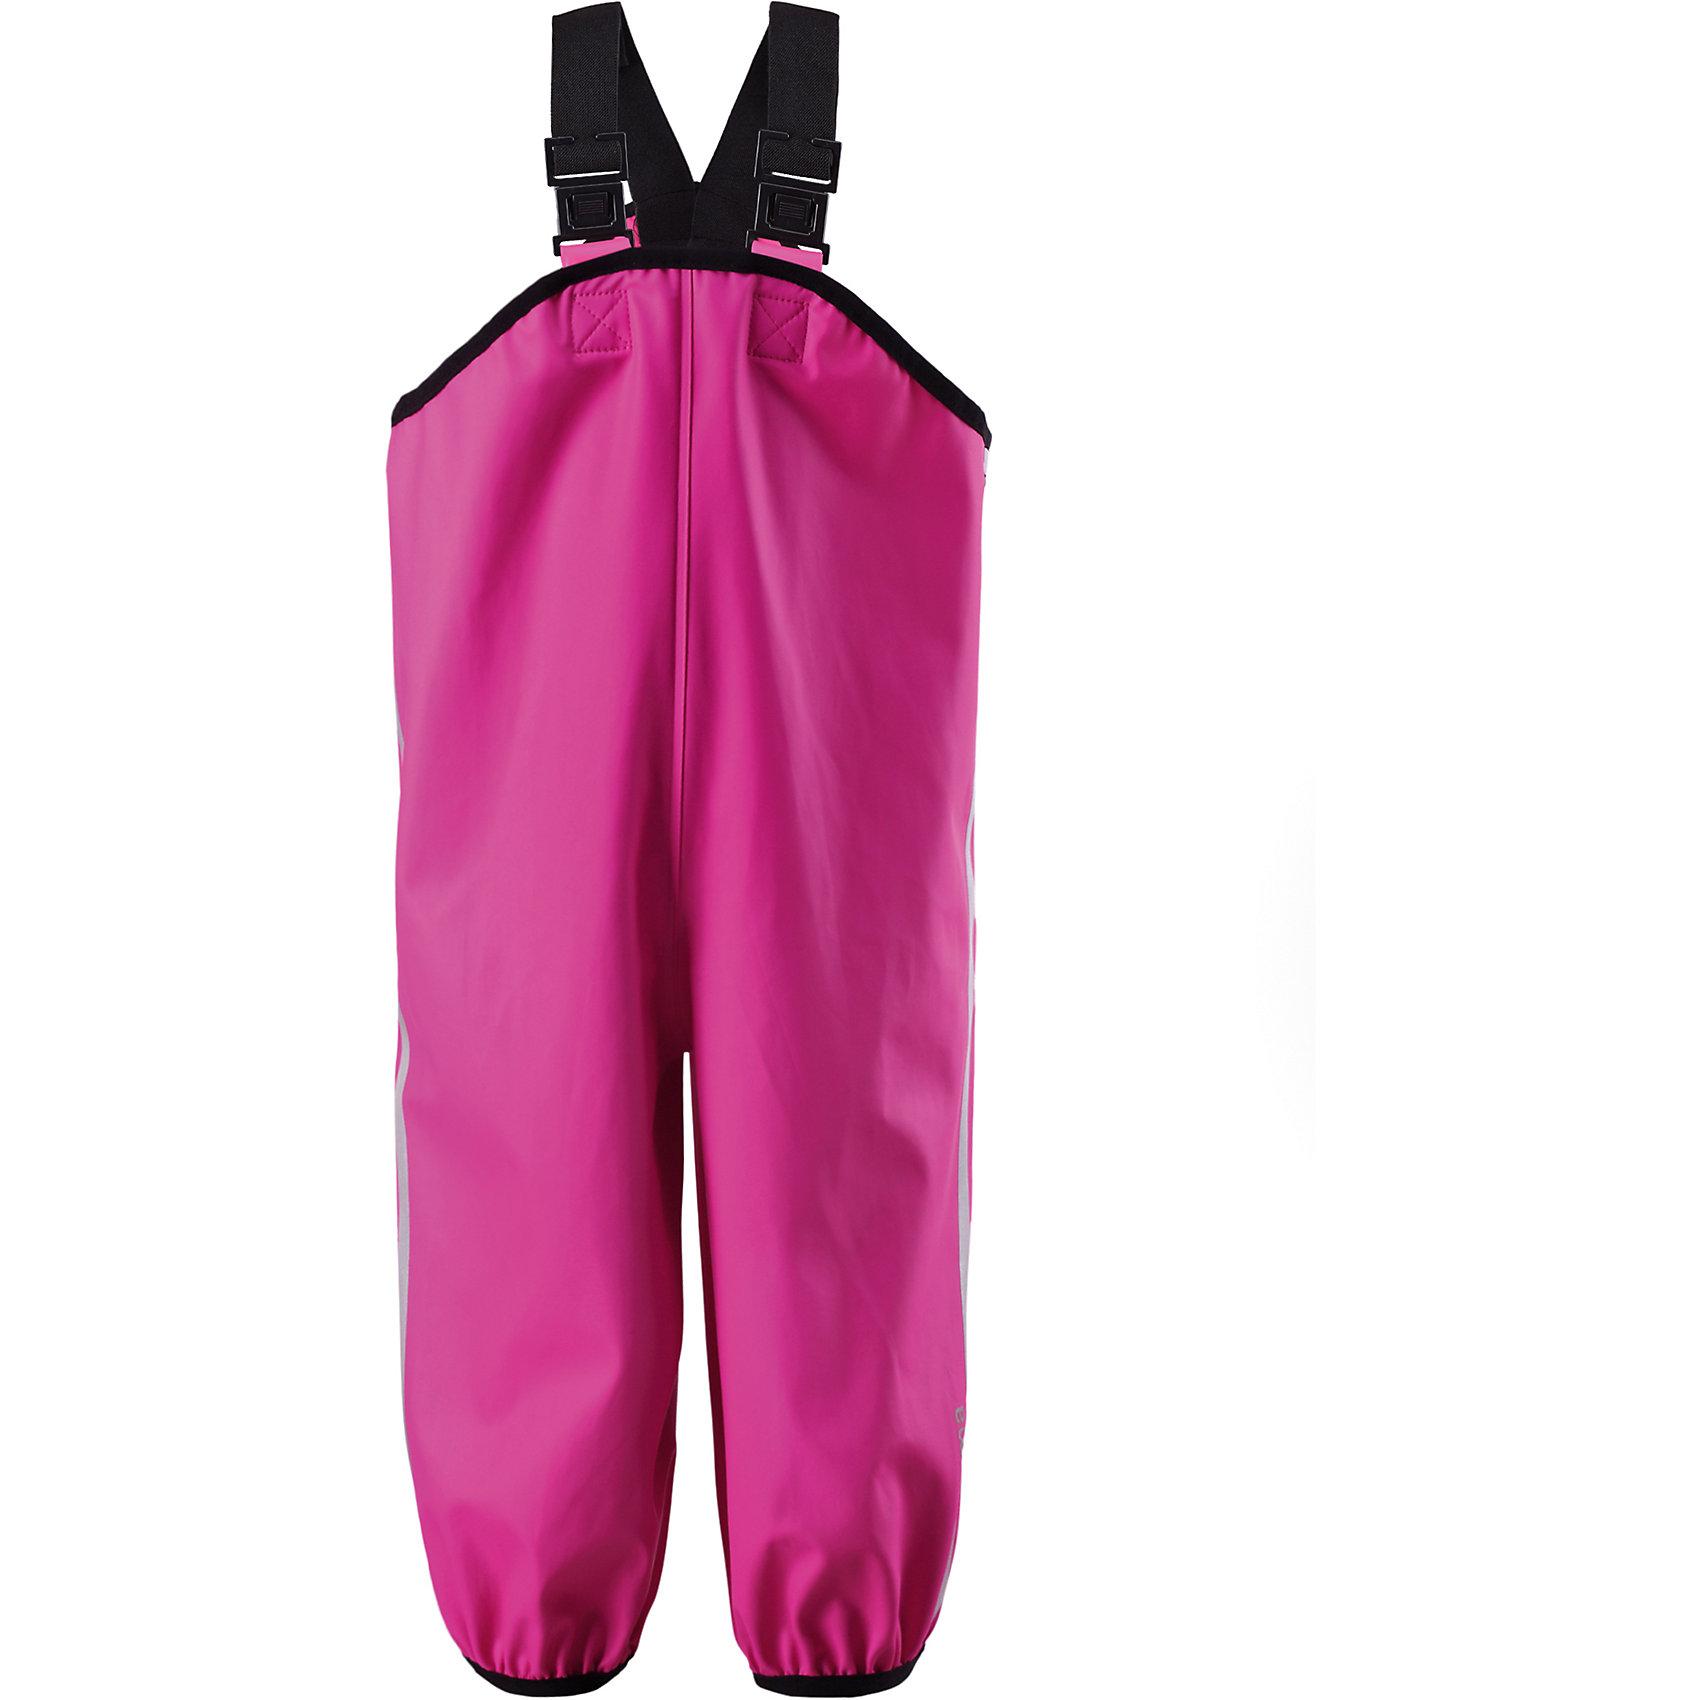 Брюки для девочки ReimaДети и лужи – отличное сочетание! Если только первые хорошо защищены. Эти классические брюки для дождливой погоды – безопасны в любую погоду. Материал - мягкий, но водонепроницаемый и грязеотталкивающий. Он также износостойкий и не «деревенеет» на морозе, поэтому брюки можно носить круглый год. Так как швы запаяны, они – абсолютно водонепроницаемы. Удобные эластичные подтяжки удерживают брюки во время активных игр, в то время как штрипки зафиксируют брючины внутри голенищ резиновых ботинок. Без подкладки.<br><br>Дополнительная информация:<br><br>Брюки для дождливой погоды для детей и малышей<br>Запаянные швы, не пропускающие влагу<br>Эластичный материал<br>Без ПХВ<br>Регулируемый обхват талии<br>Эластичная резинка на штанинах<br>Съемные эластичные штрипки<br>Регулируемые эластичные подтяжки<br>Безопасные светоотражающие детали<br>Состав:<br>100% ПЭ, ПУ-покрытие<br>Уход:<br>Стирать по отдельности, вывернув наизнанку. Стирать моющим средством, не содержащим отбеливающие вещества. Полоскать без специального средства. Во избежание изменения цвета изделие необходимо вынуть из стиральной машинки незамедлительно после окончания программы стирки. Сушить при низкой температуре.<br><br>Ширина мм: 215<br>Глубина мм: 88<br>Высота мм: 191<br>Вес г: 336<br>Цвет: розовый<br>Возраст от месяцев: 48<br>Возраст до месяцев: 60<br>Пол: Женский<br>Возраст: Детский<br>Размер: 110,80,86,92,104,122,128,116,98,74<br>SKU: 4498543